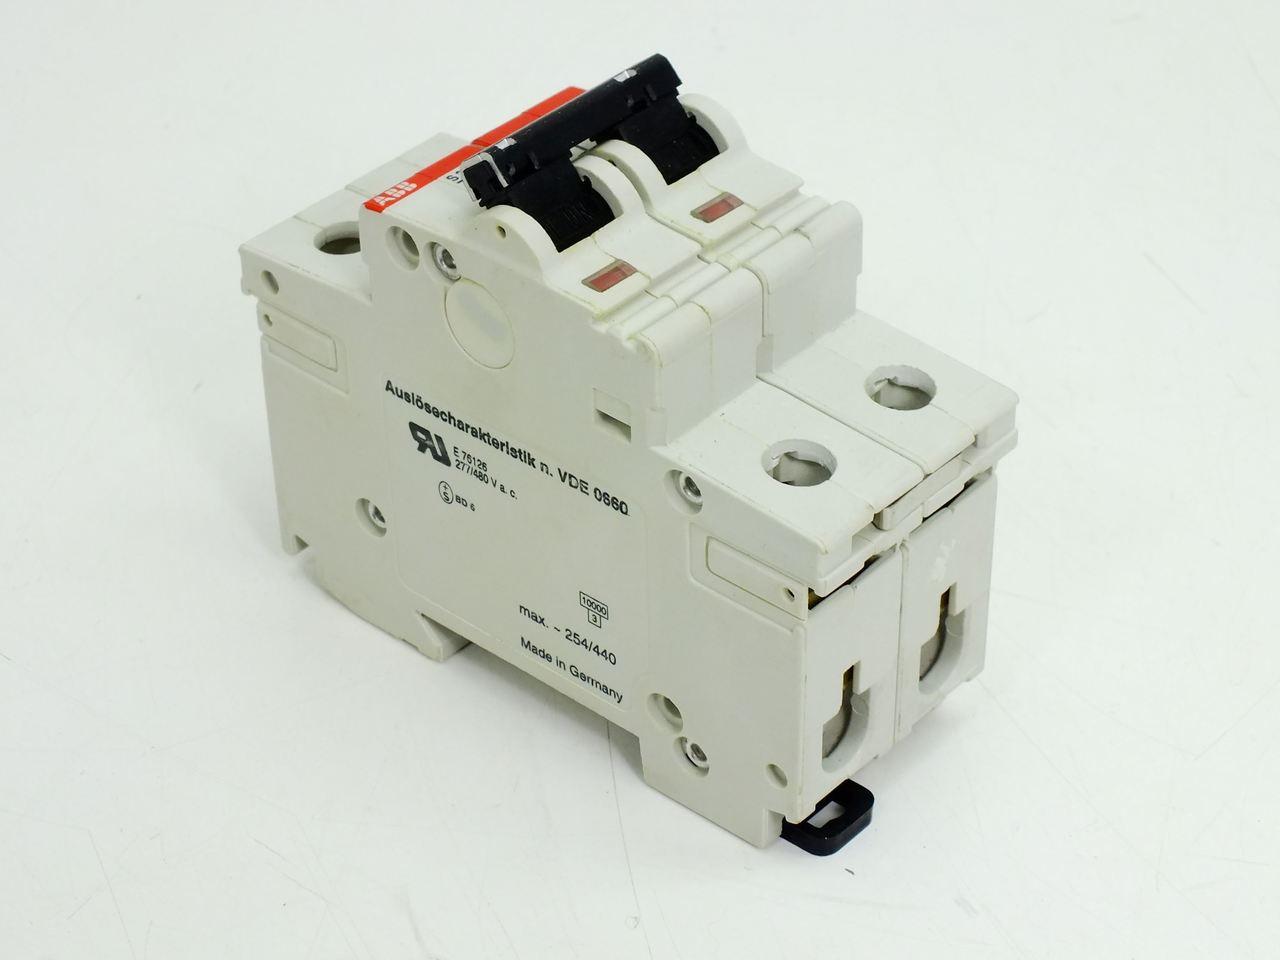 Abb S282uc Z6 Z6a S282 2 Pole Circuit Breaker